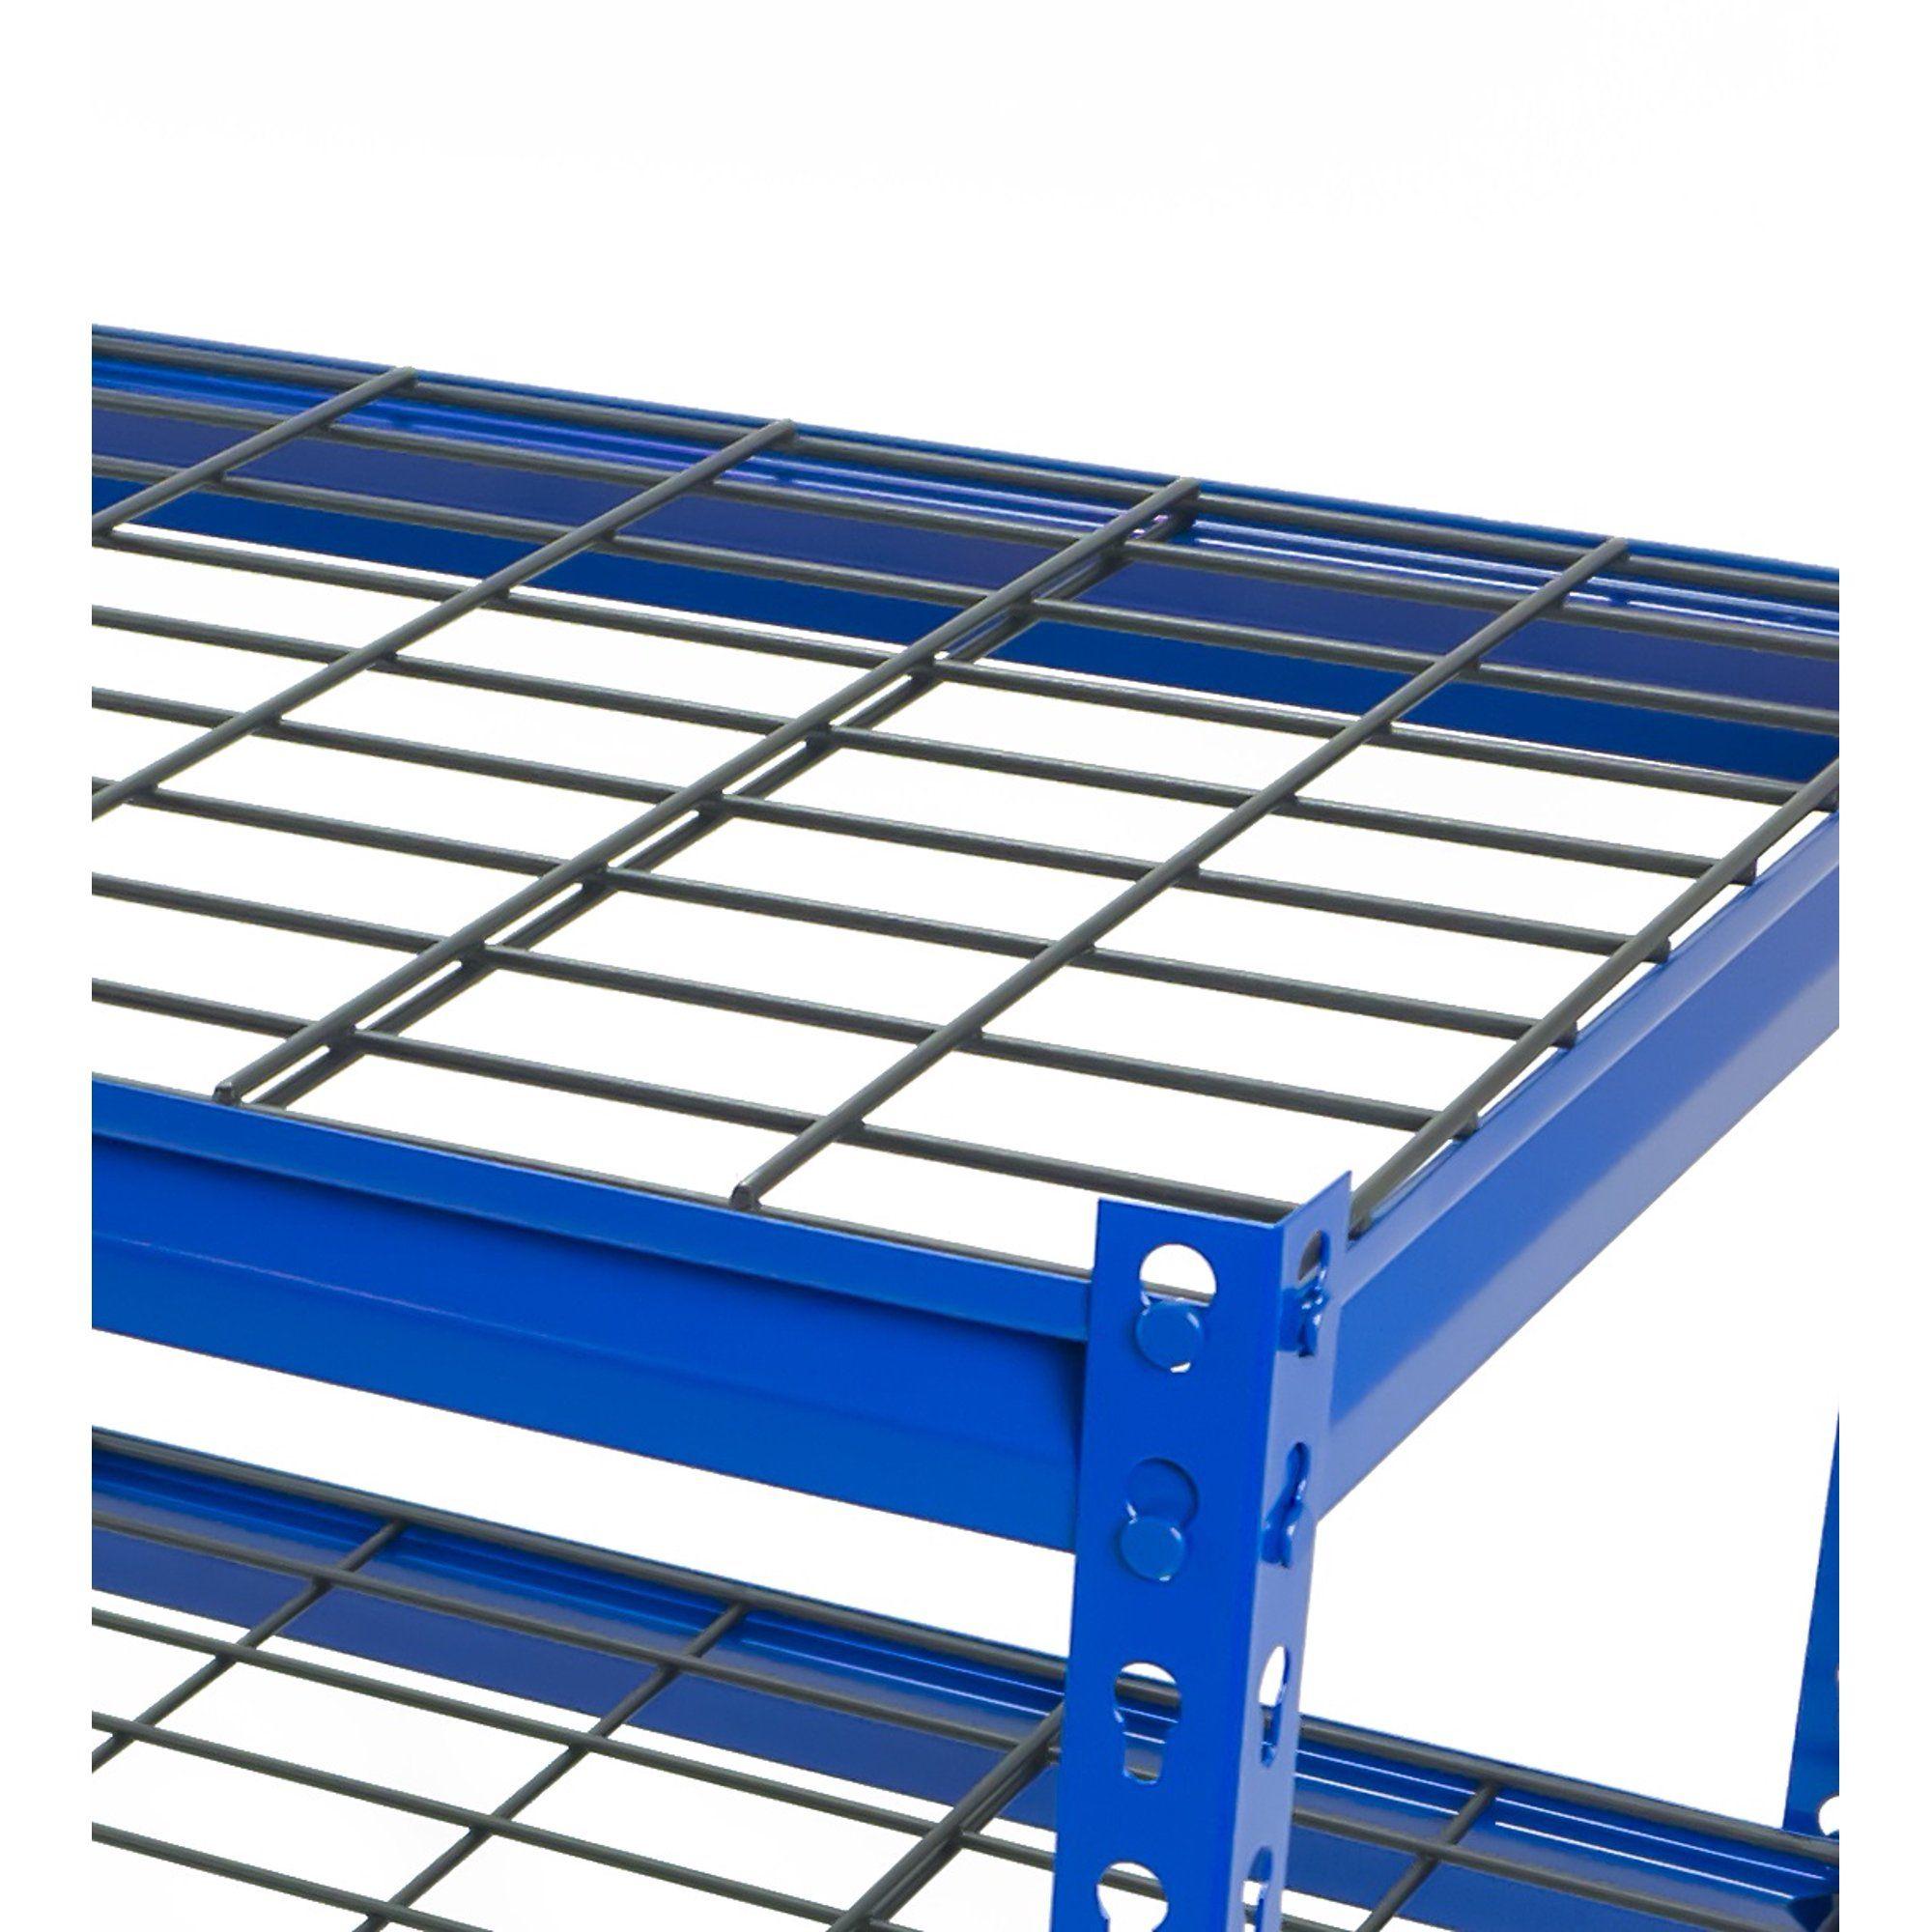 shelf steel wire shelving unit